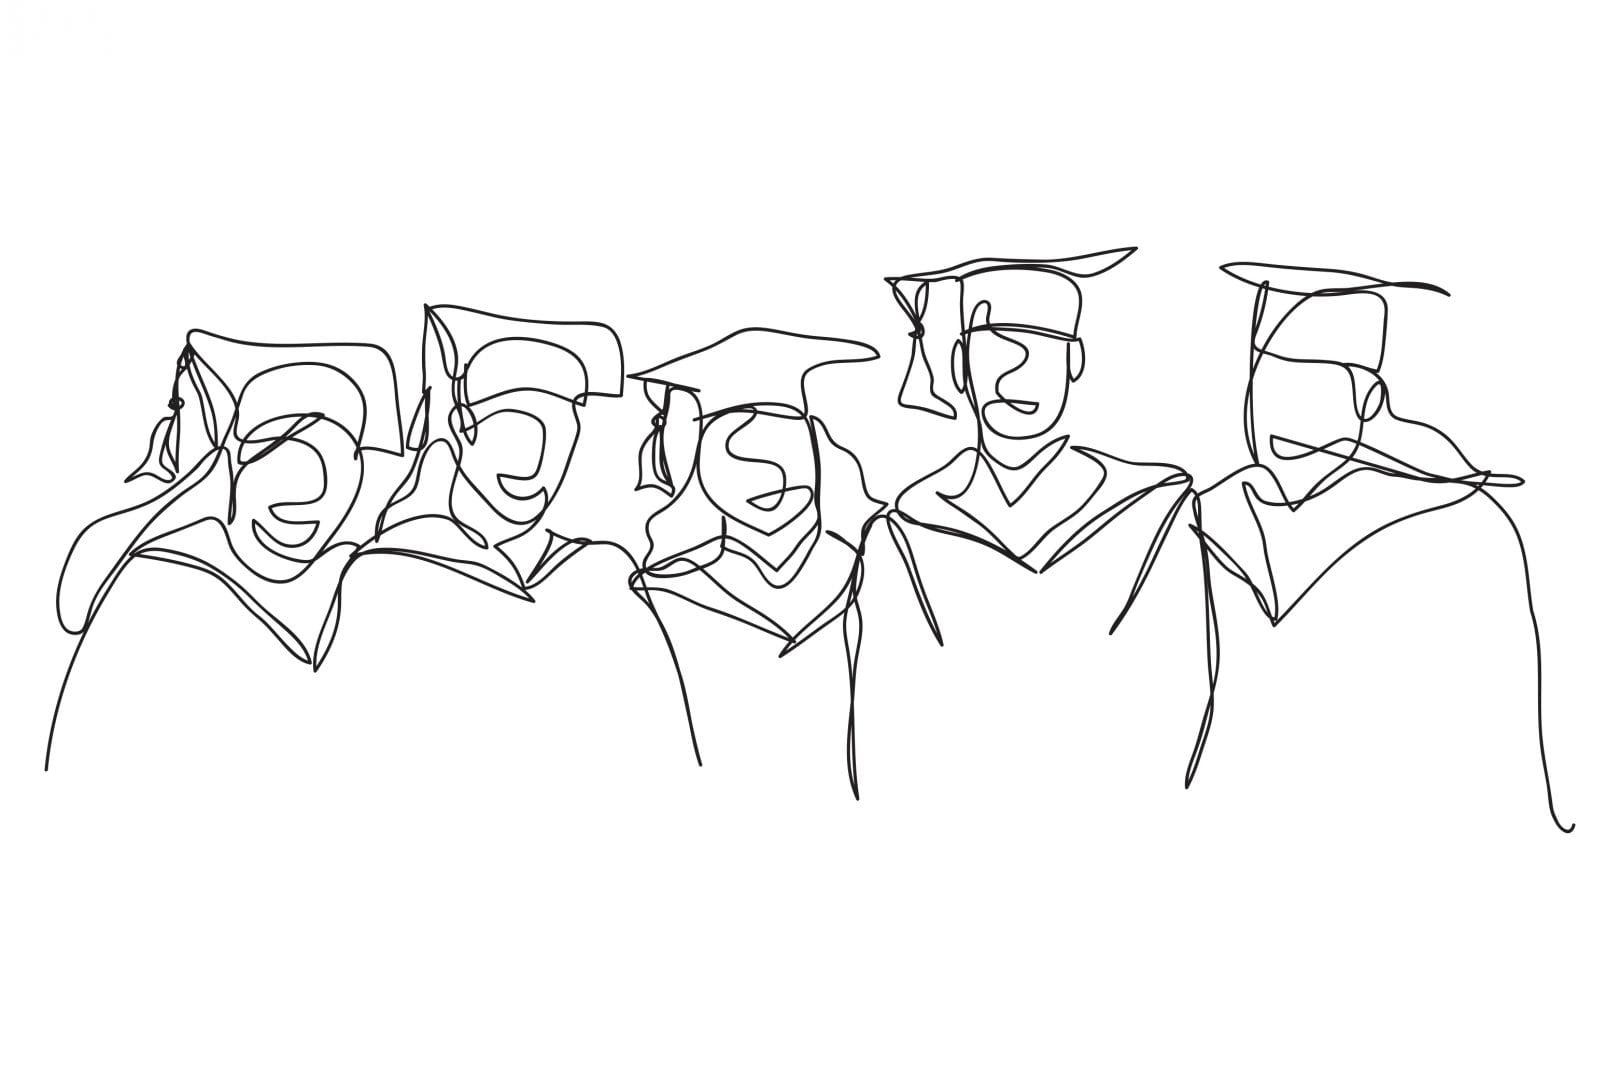 IB Diploma Graduates Doodle Image piece